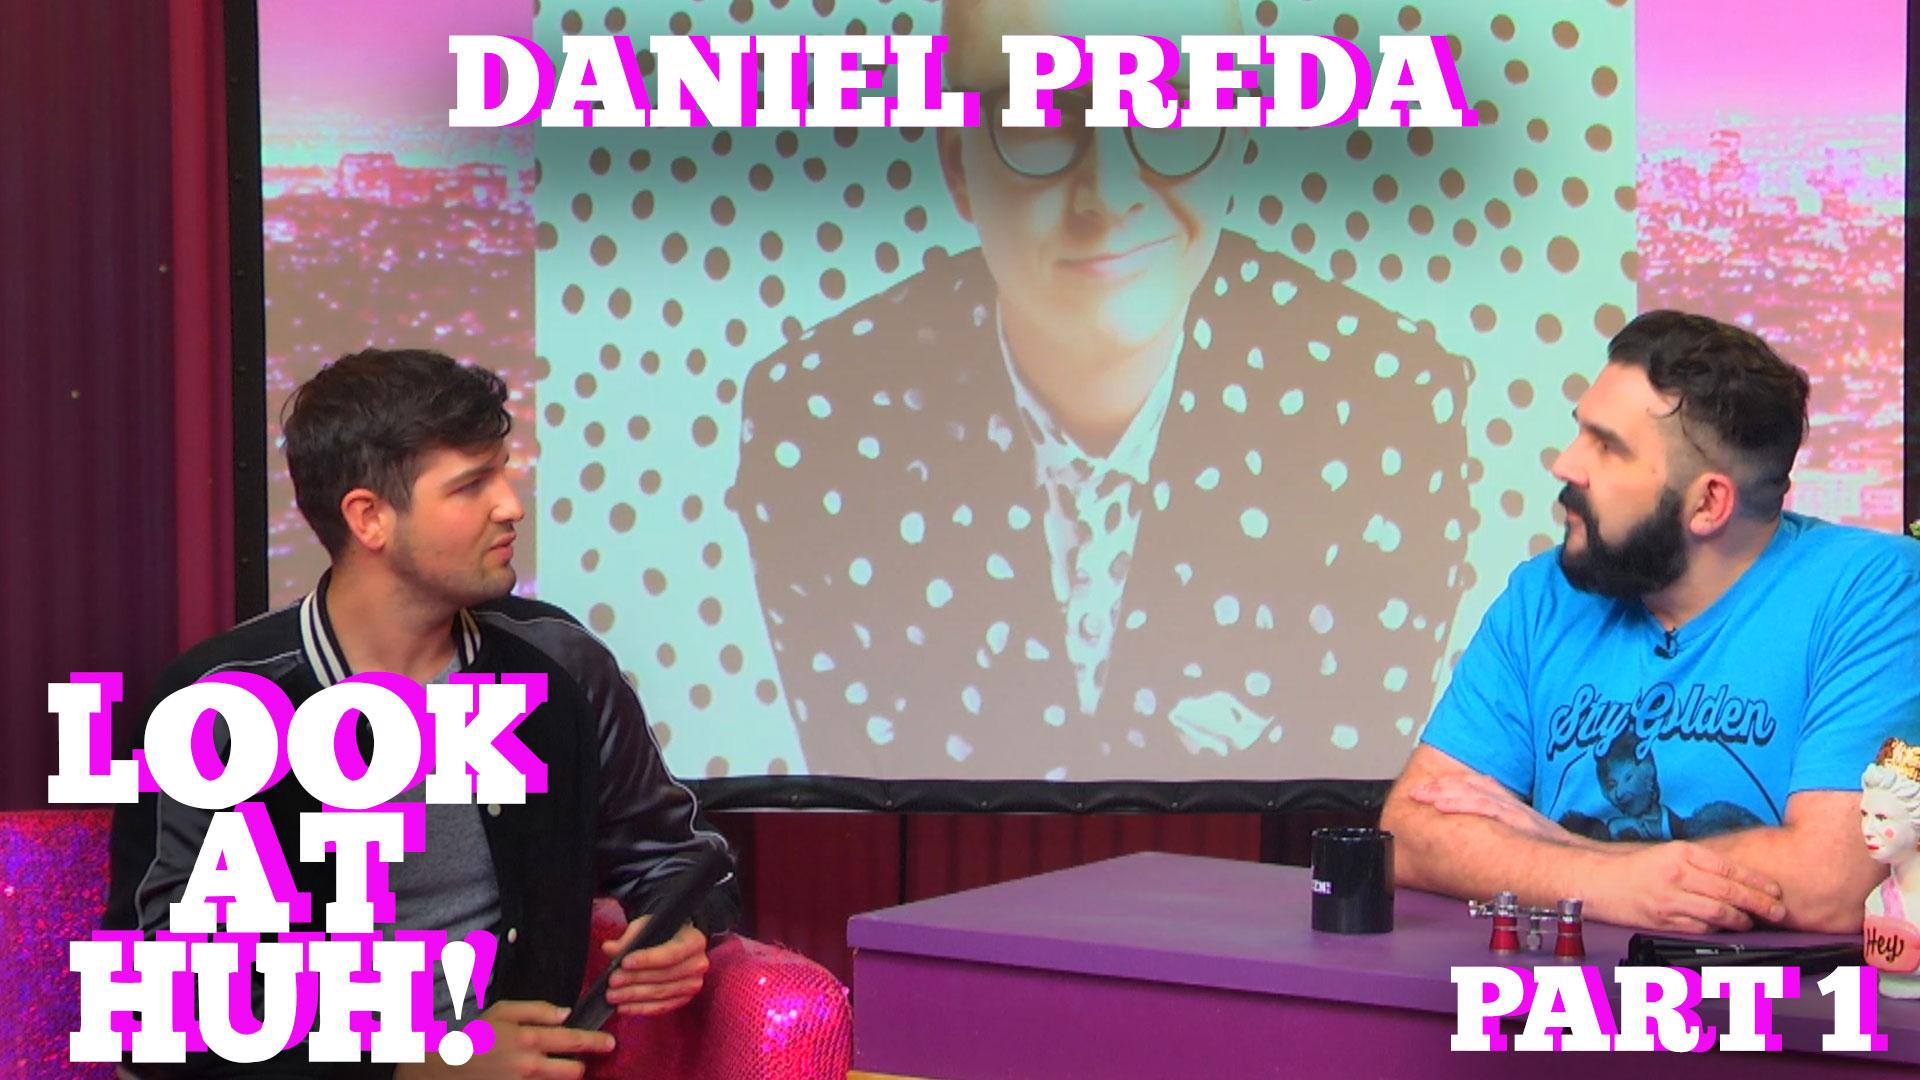 DANIEL PREDA on LOOK AT HUH! Part 1